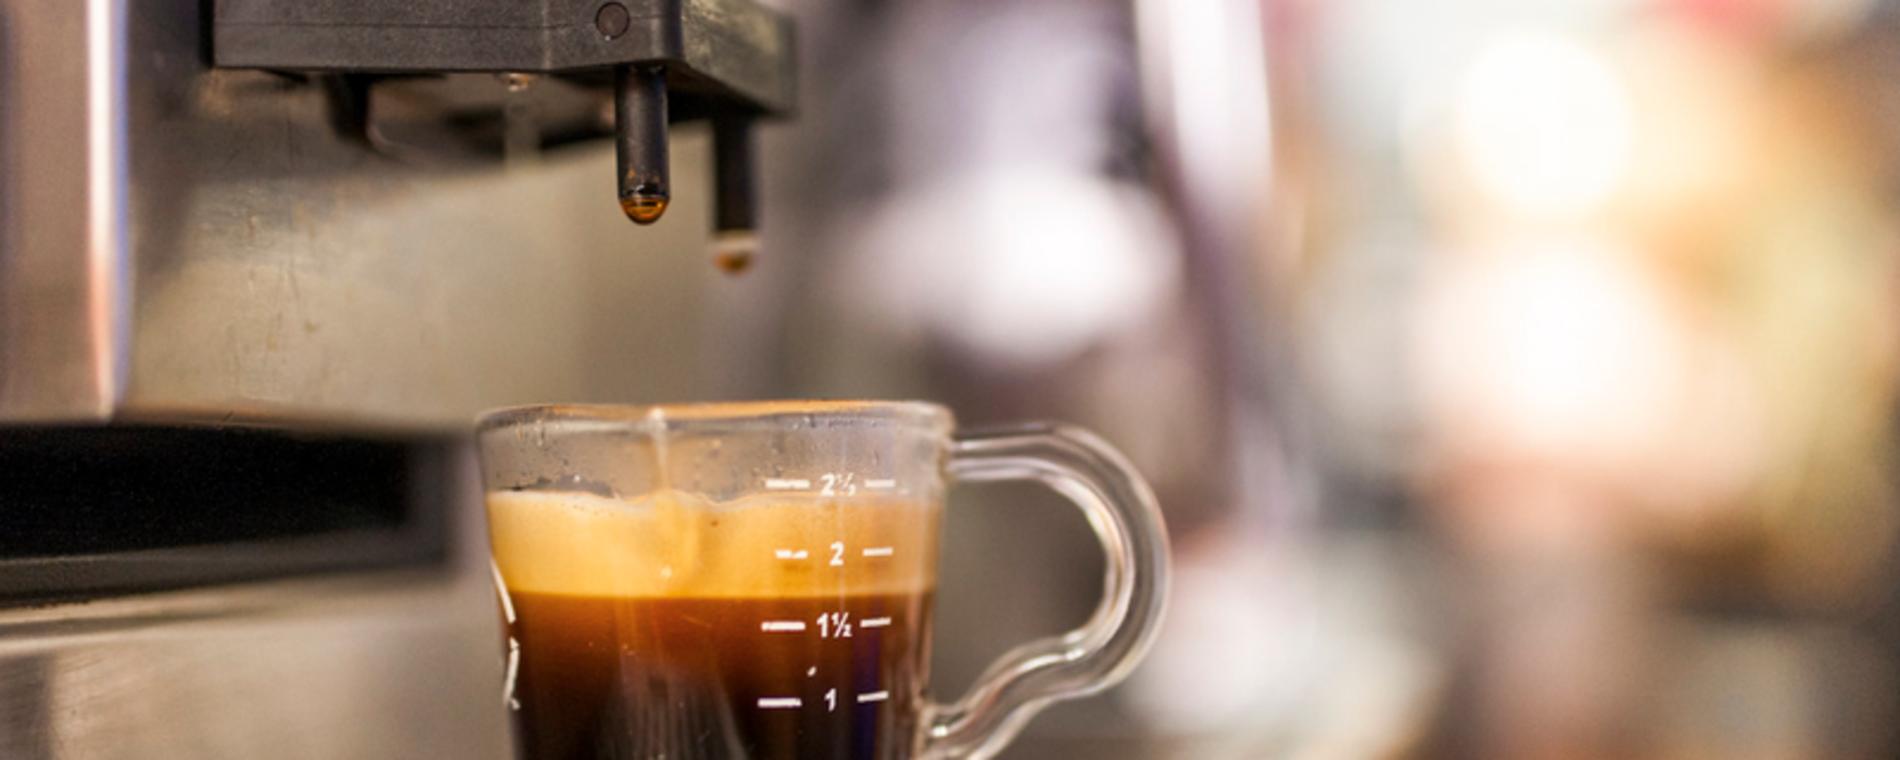 Churn Burn dispensing coffee Visit Wichita